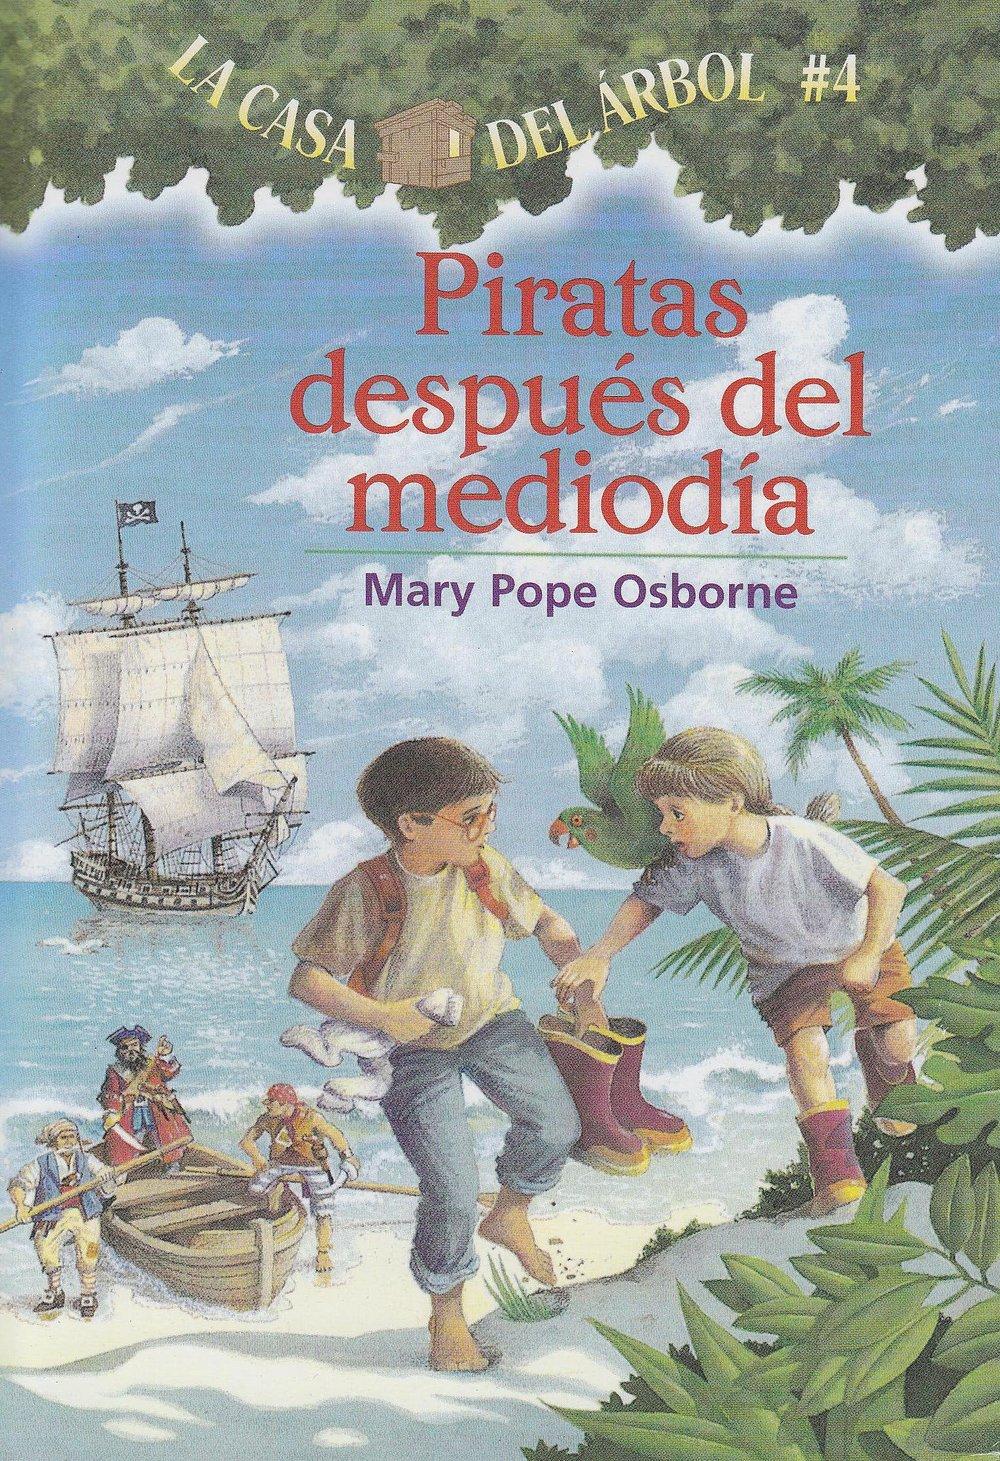 La Casa del Árbol: Piratas después del mediodía